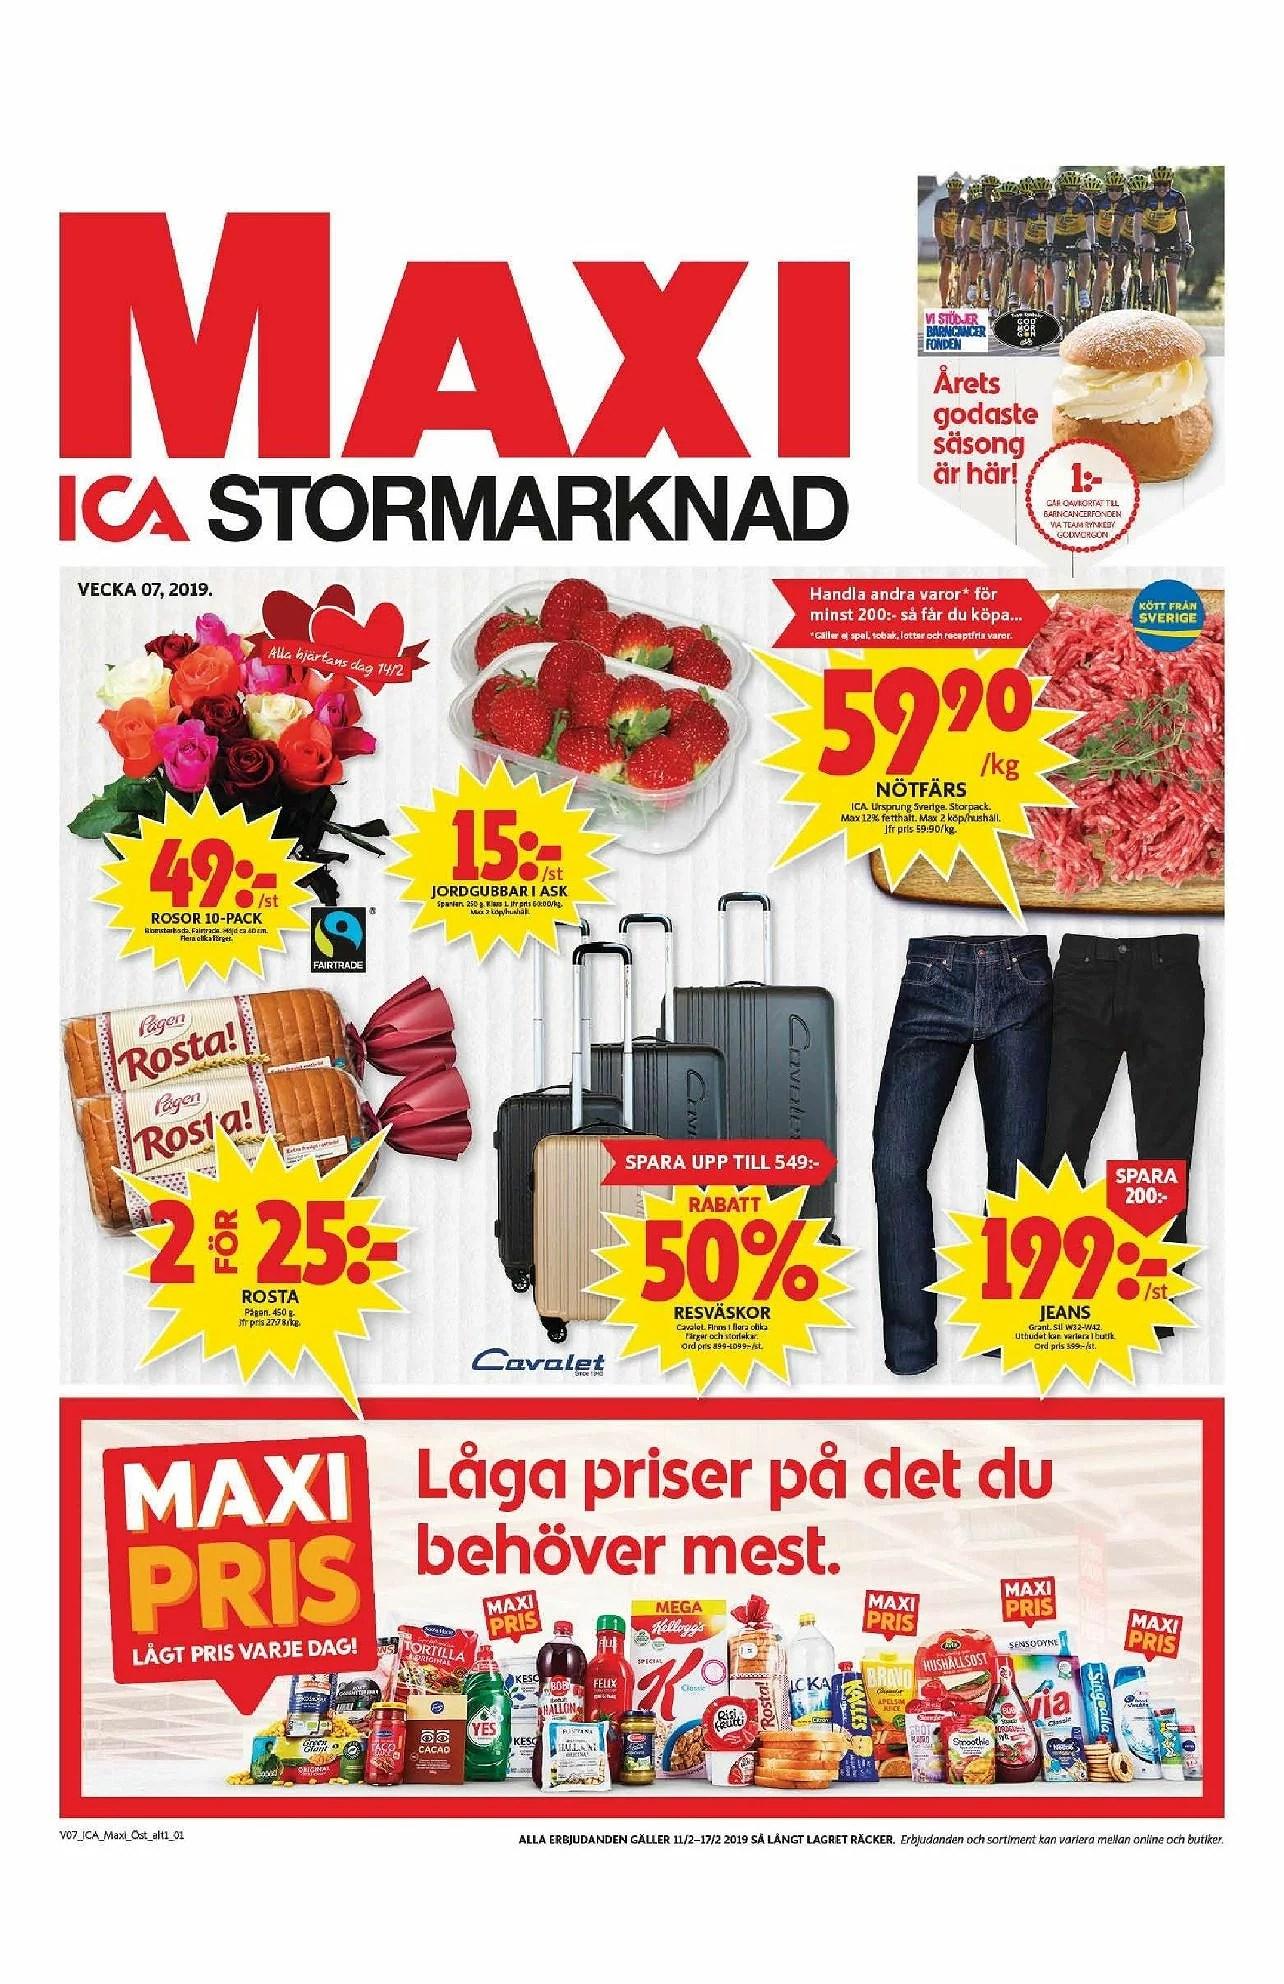 Ica Maxi nästa vecka, jorgubbar 15kr, 50% rabatt resväskor, nötfärs 59,90kr kg och annat